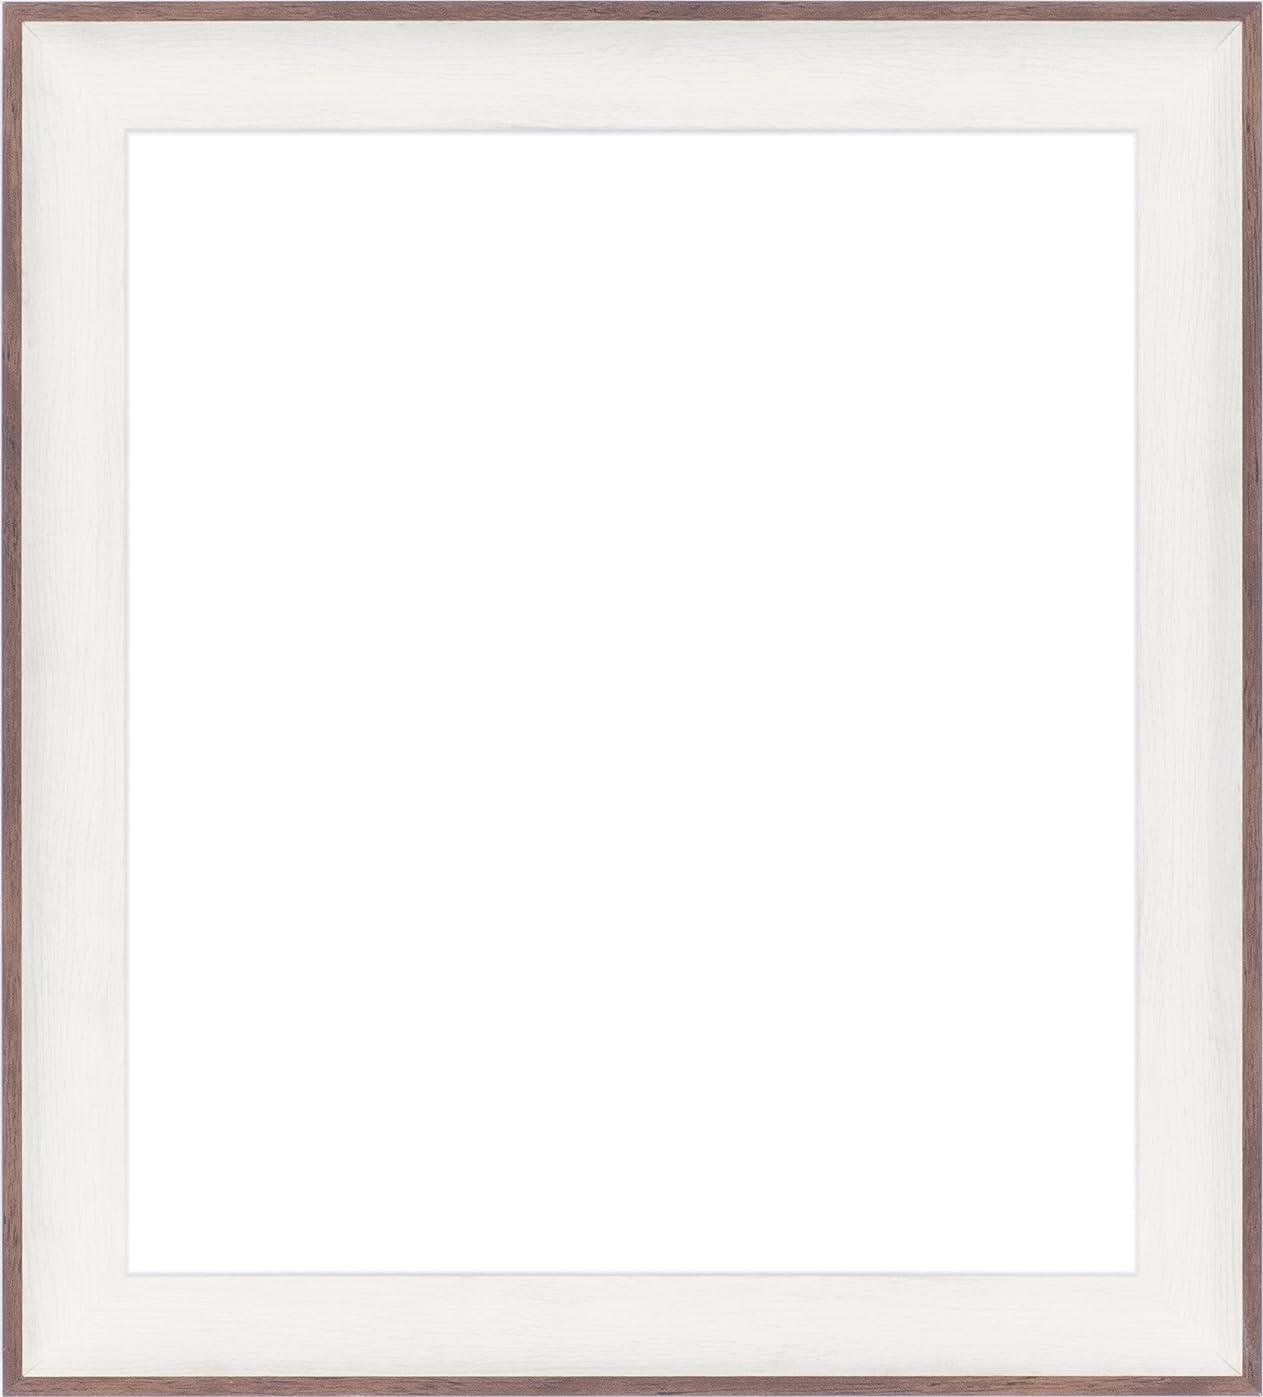 暖かくアーサー打倒色紙額縁 3709 UVカットアクリル仕様 (ホワイトブラウン)